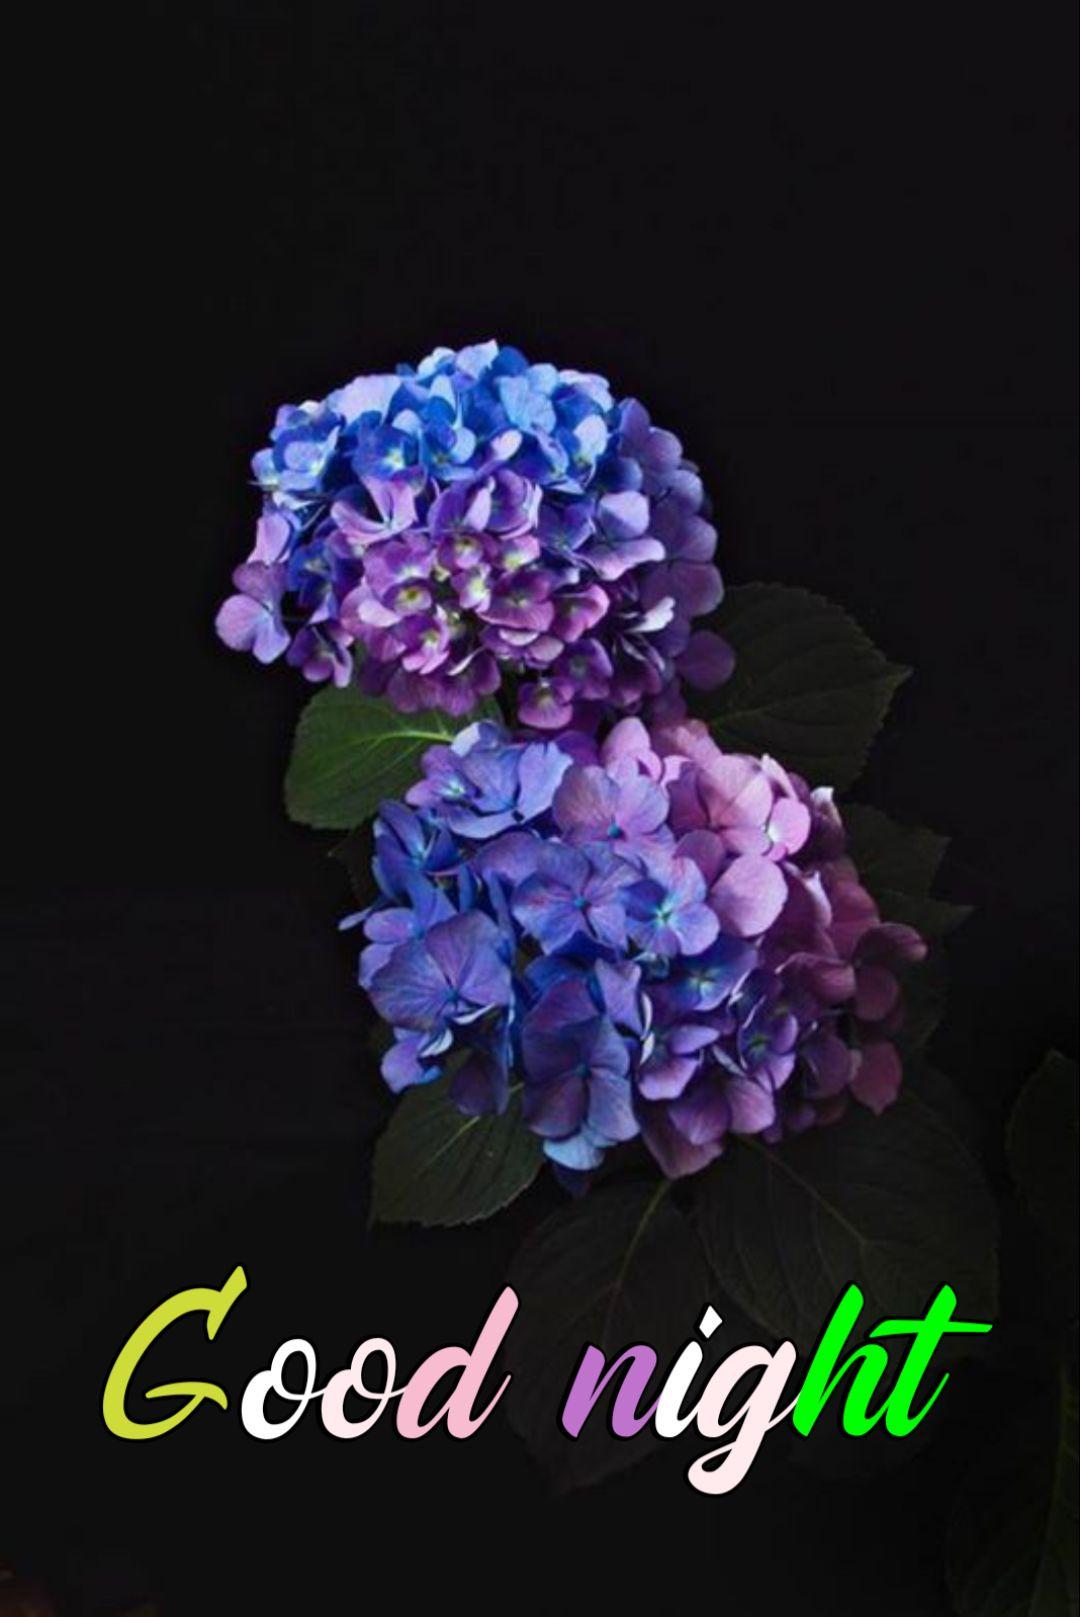 💖ശുഭരാത്രി സുഖനിദ്ര - Good night - ShareChat